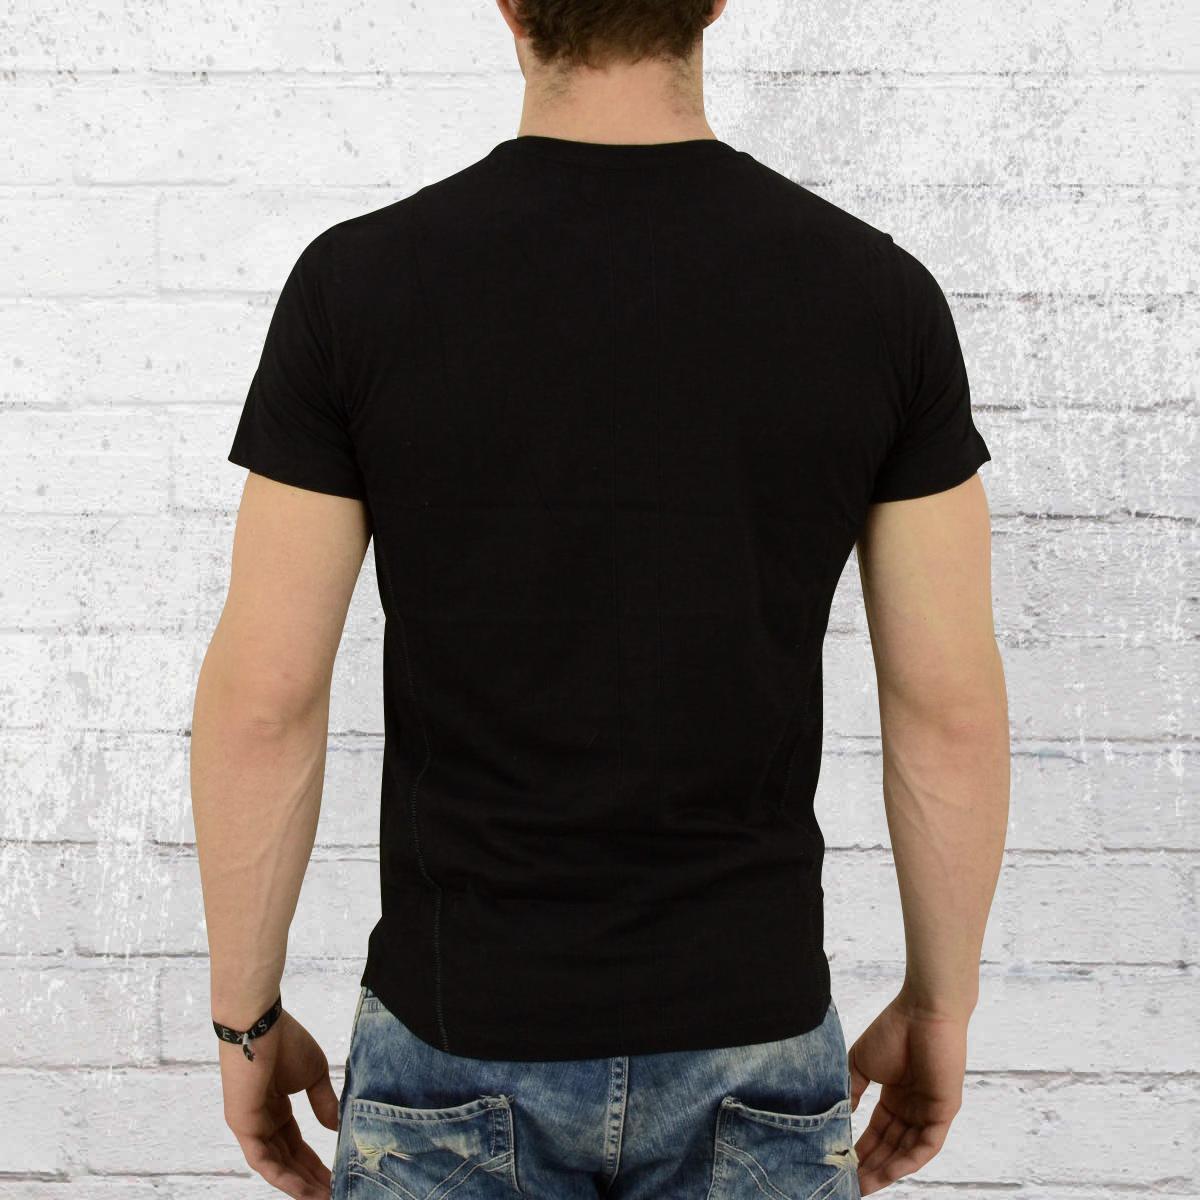 jetzt bestellen religion t shirt m nner chain schwarz. Black Bedroom Furniture Sets. Home Design Ideas